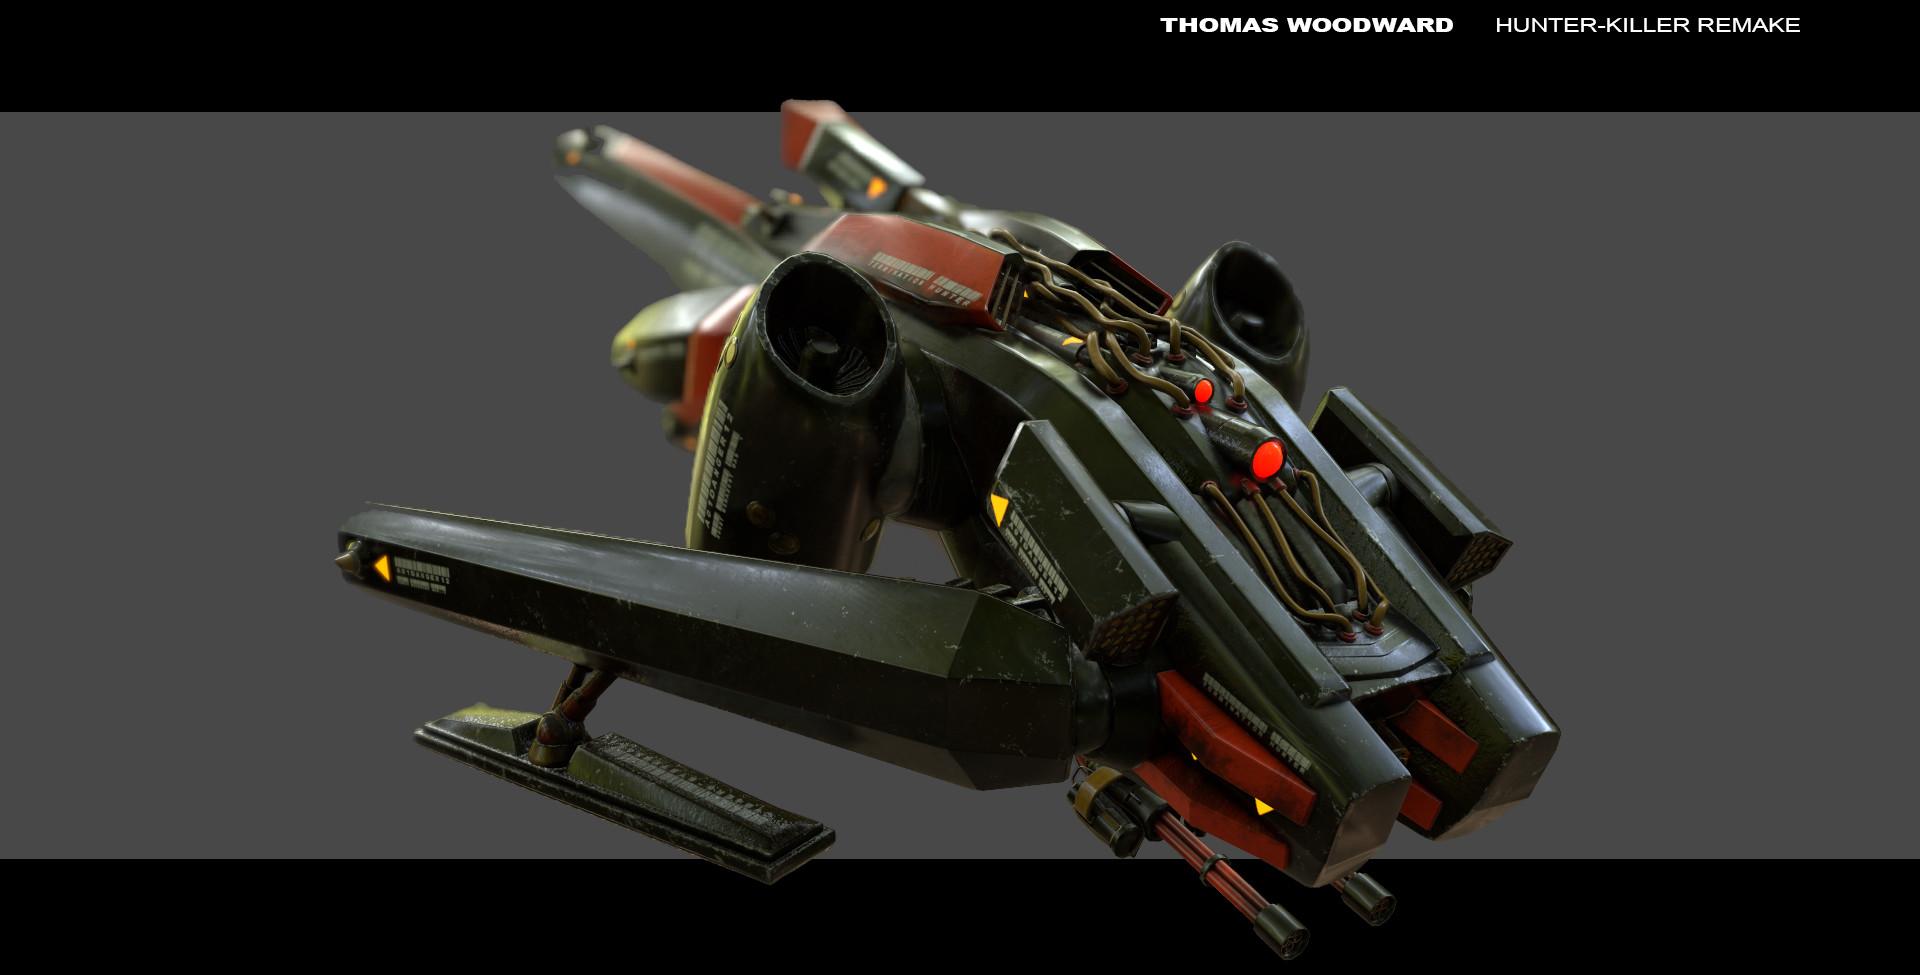 Thomas woodward 02